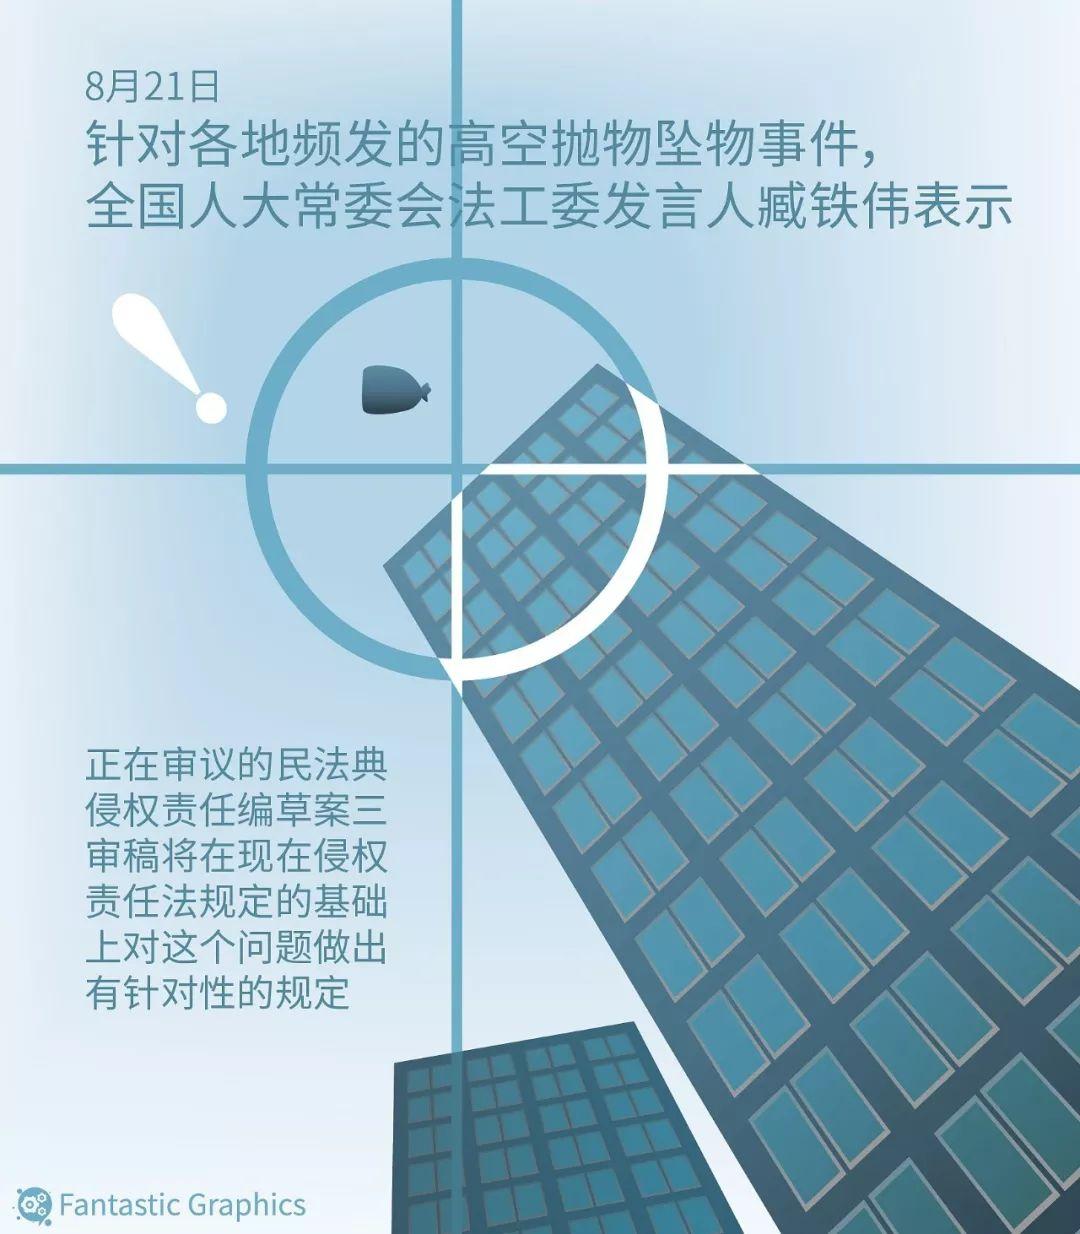 与你息息相关!宾馆私装摄像头、高空抛物坠物……将迎立法!